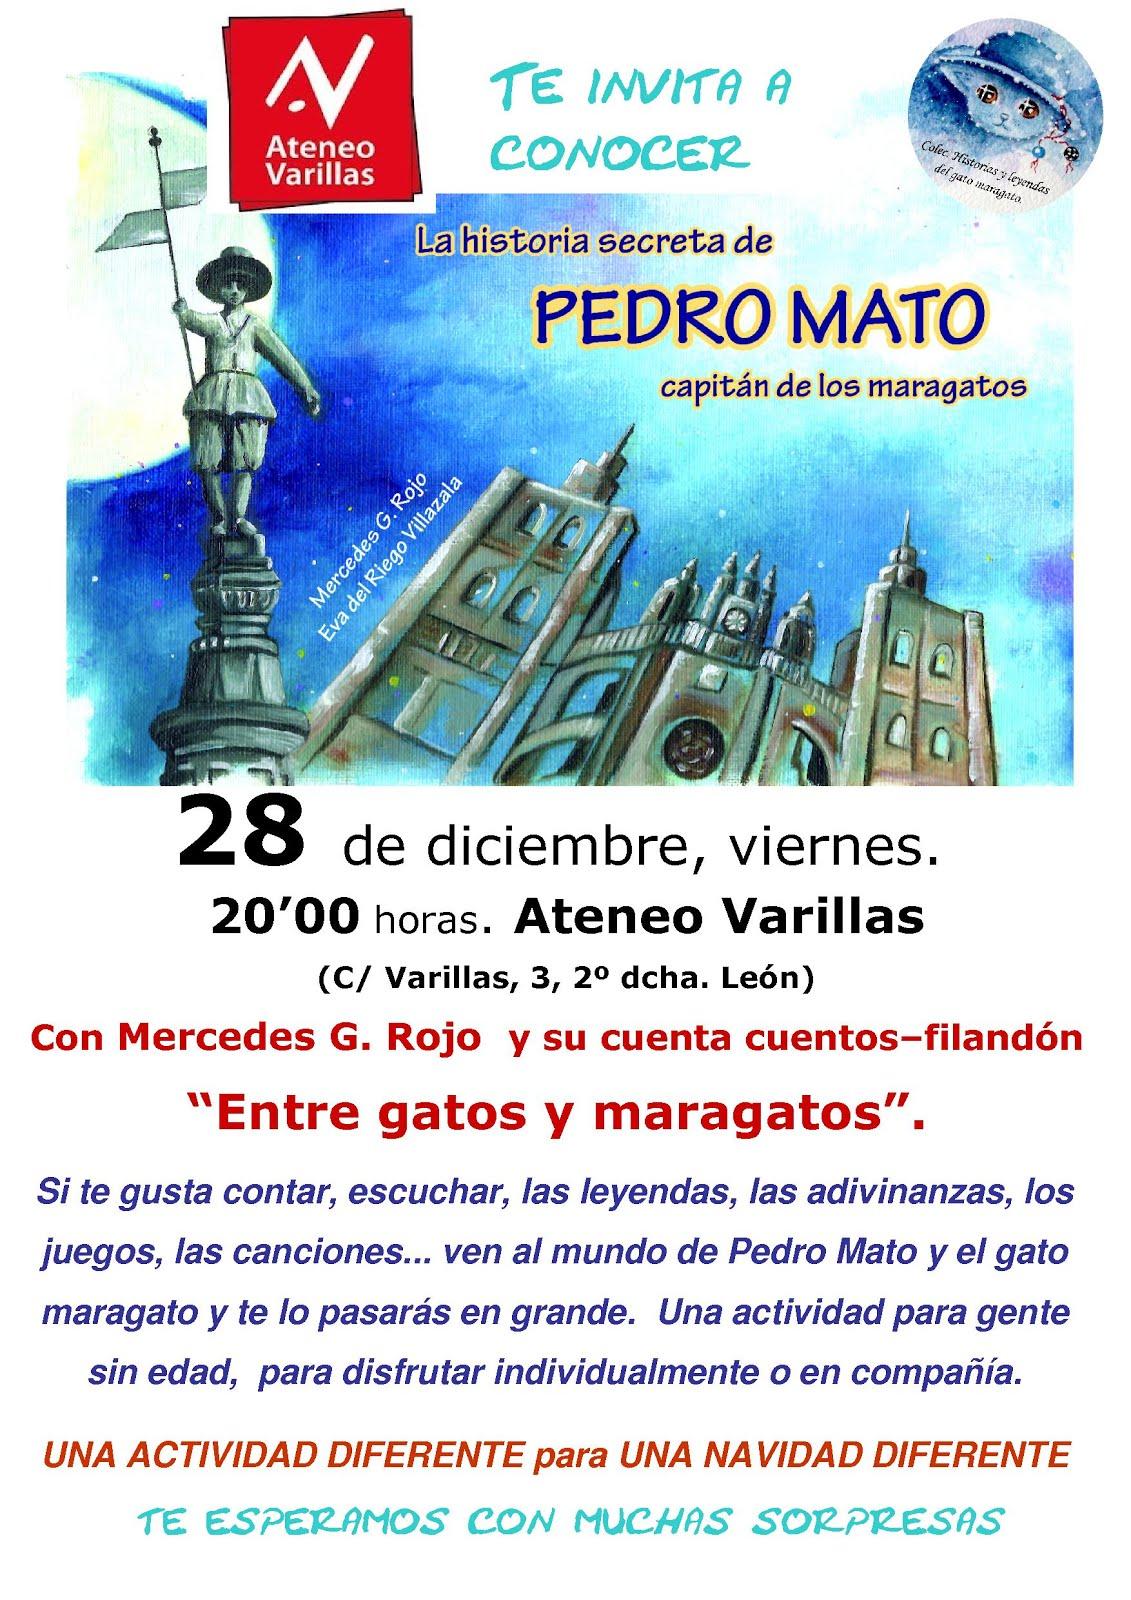 Particular filandón entre el gato maragato y Pedro Mato